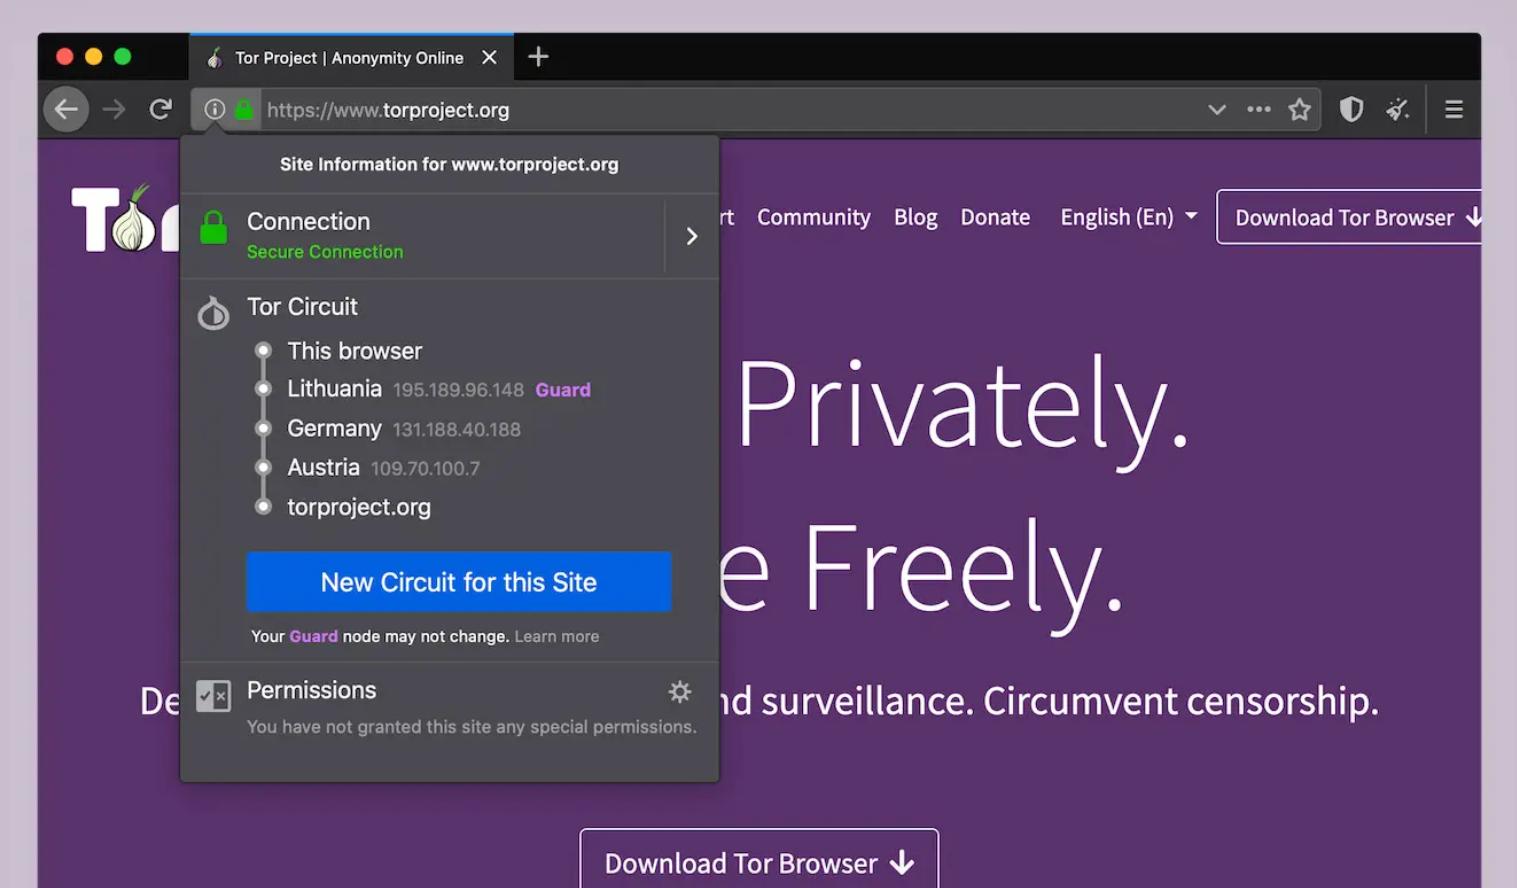 Der TOR Browser - Zugang zum Darknet erhalten